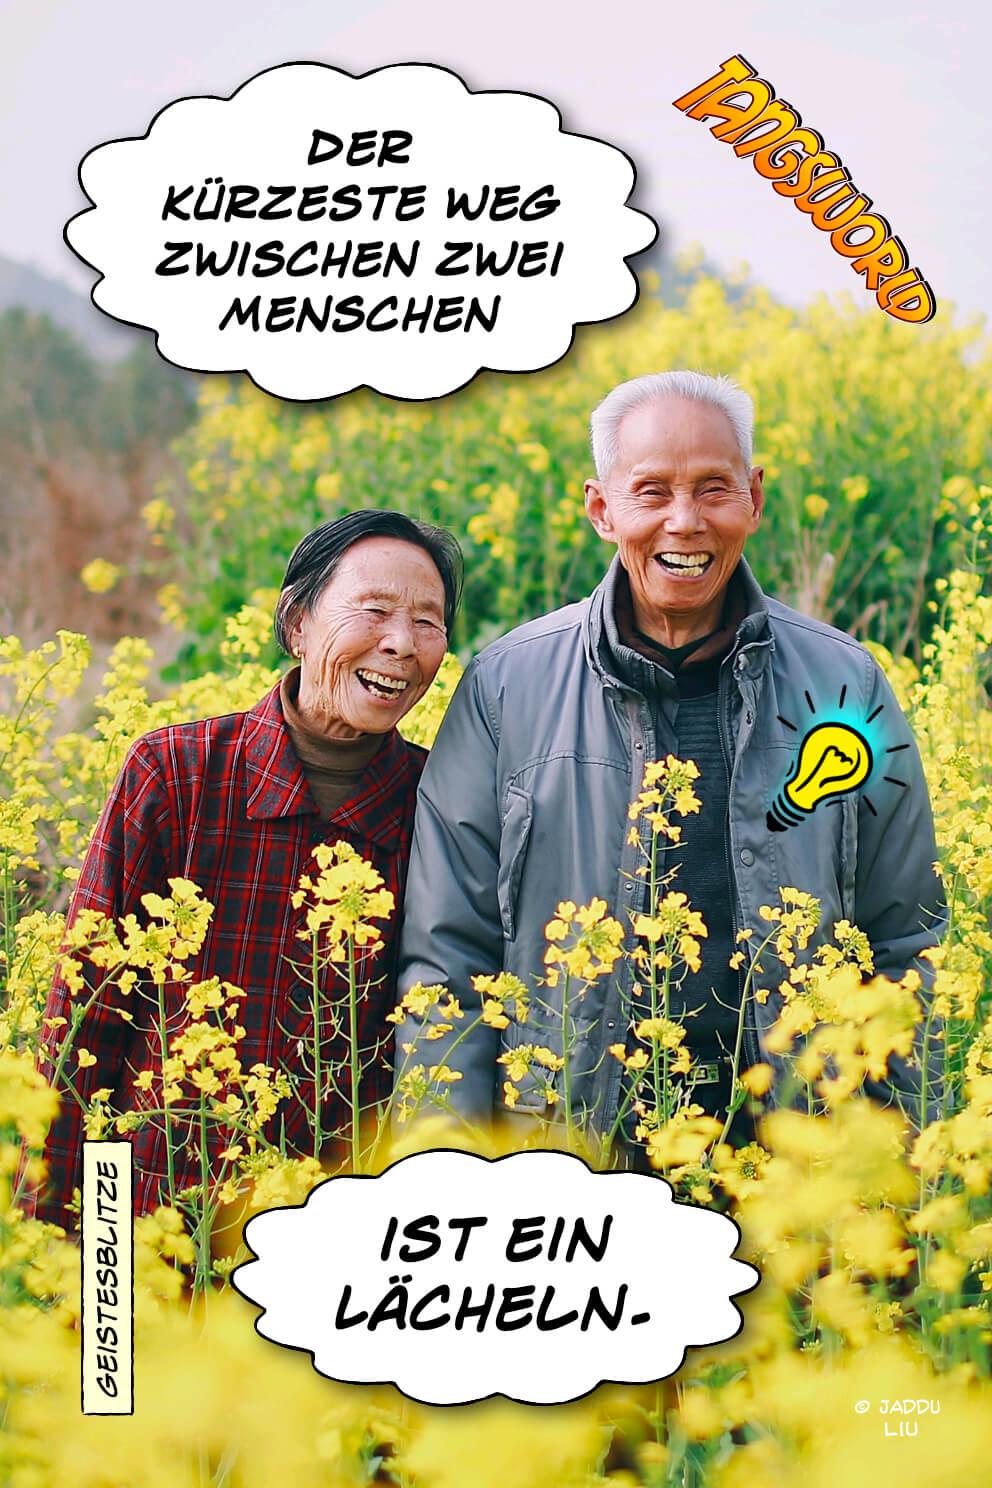 Der kürzeste Weg zwischen zwei Menschen ist ein Lächeln. - Geistesblitze | aus China